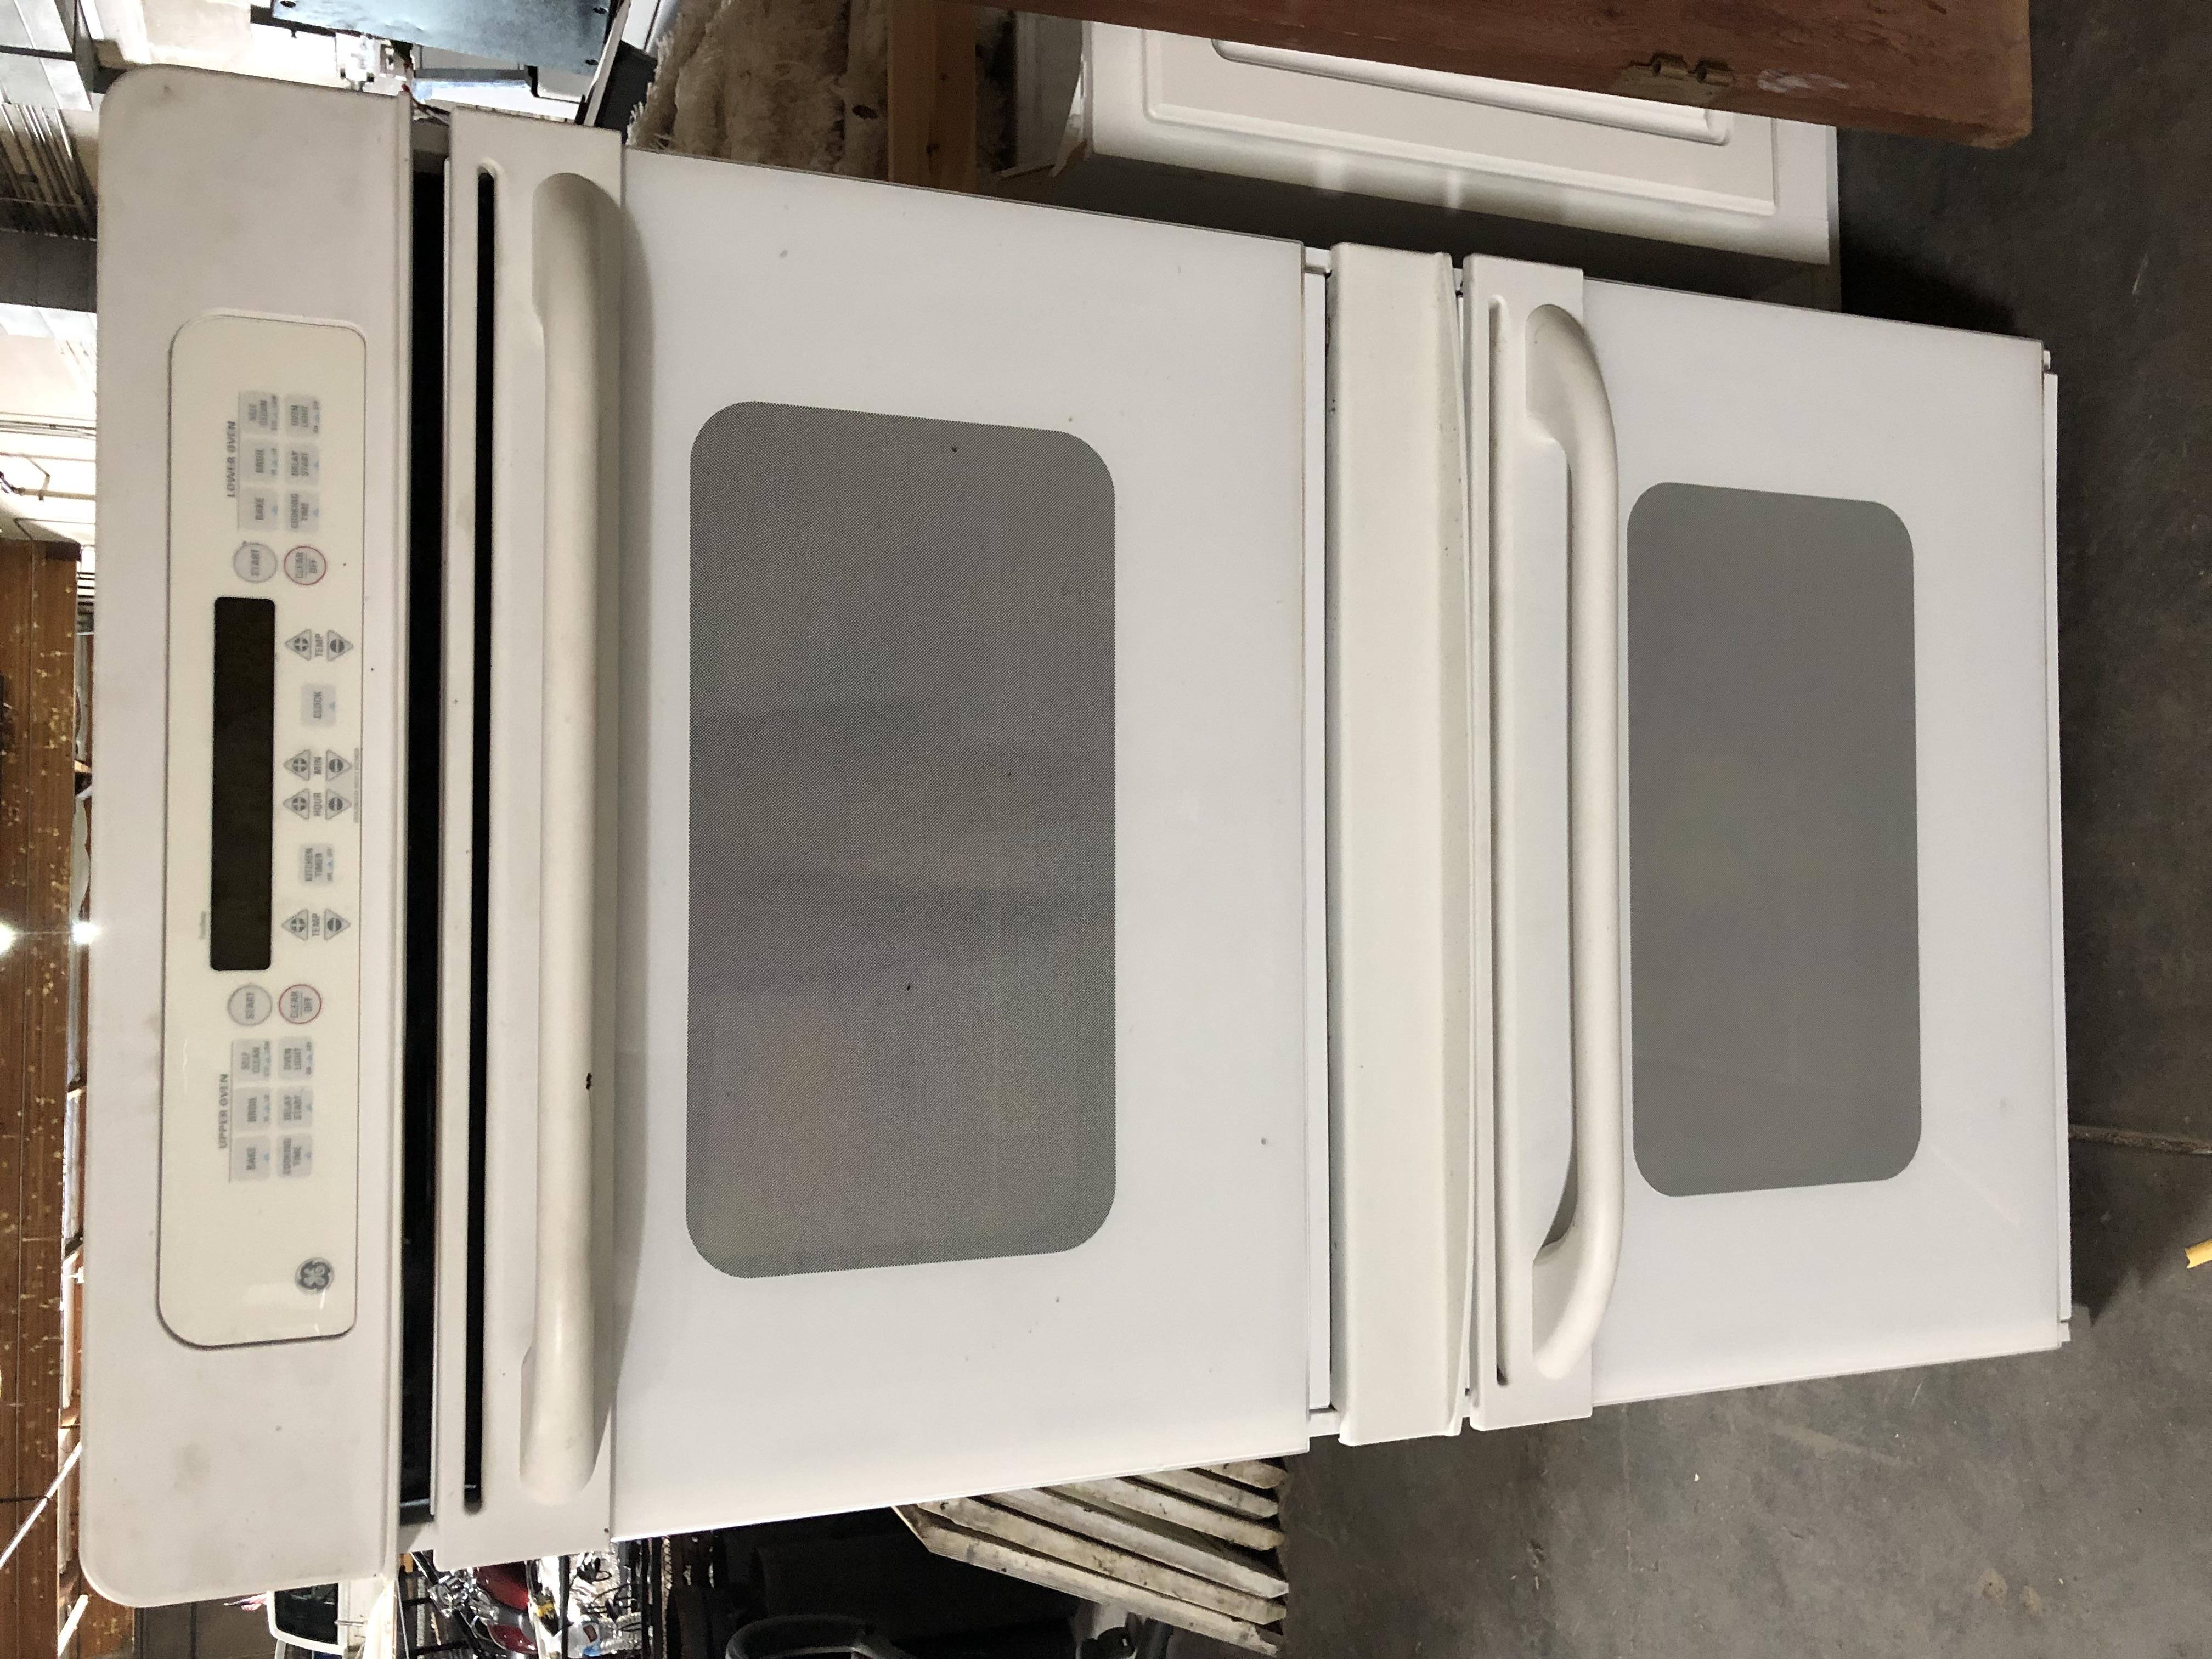 Double GE oven